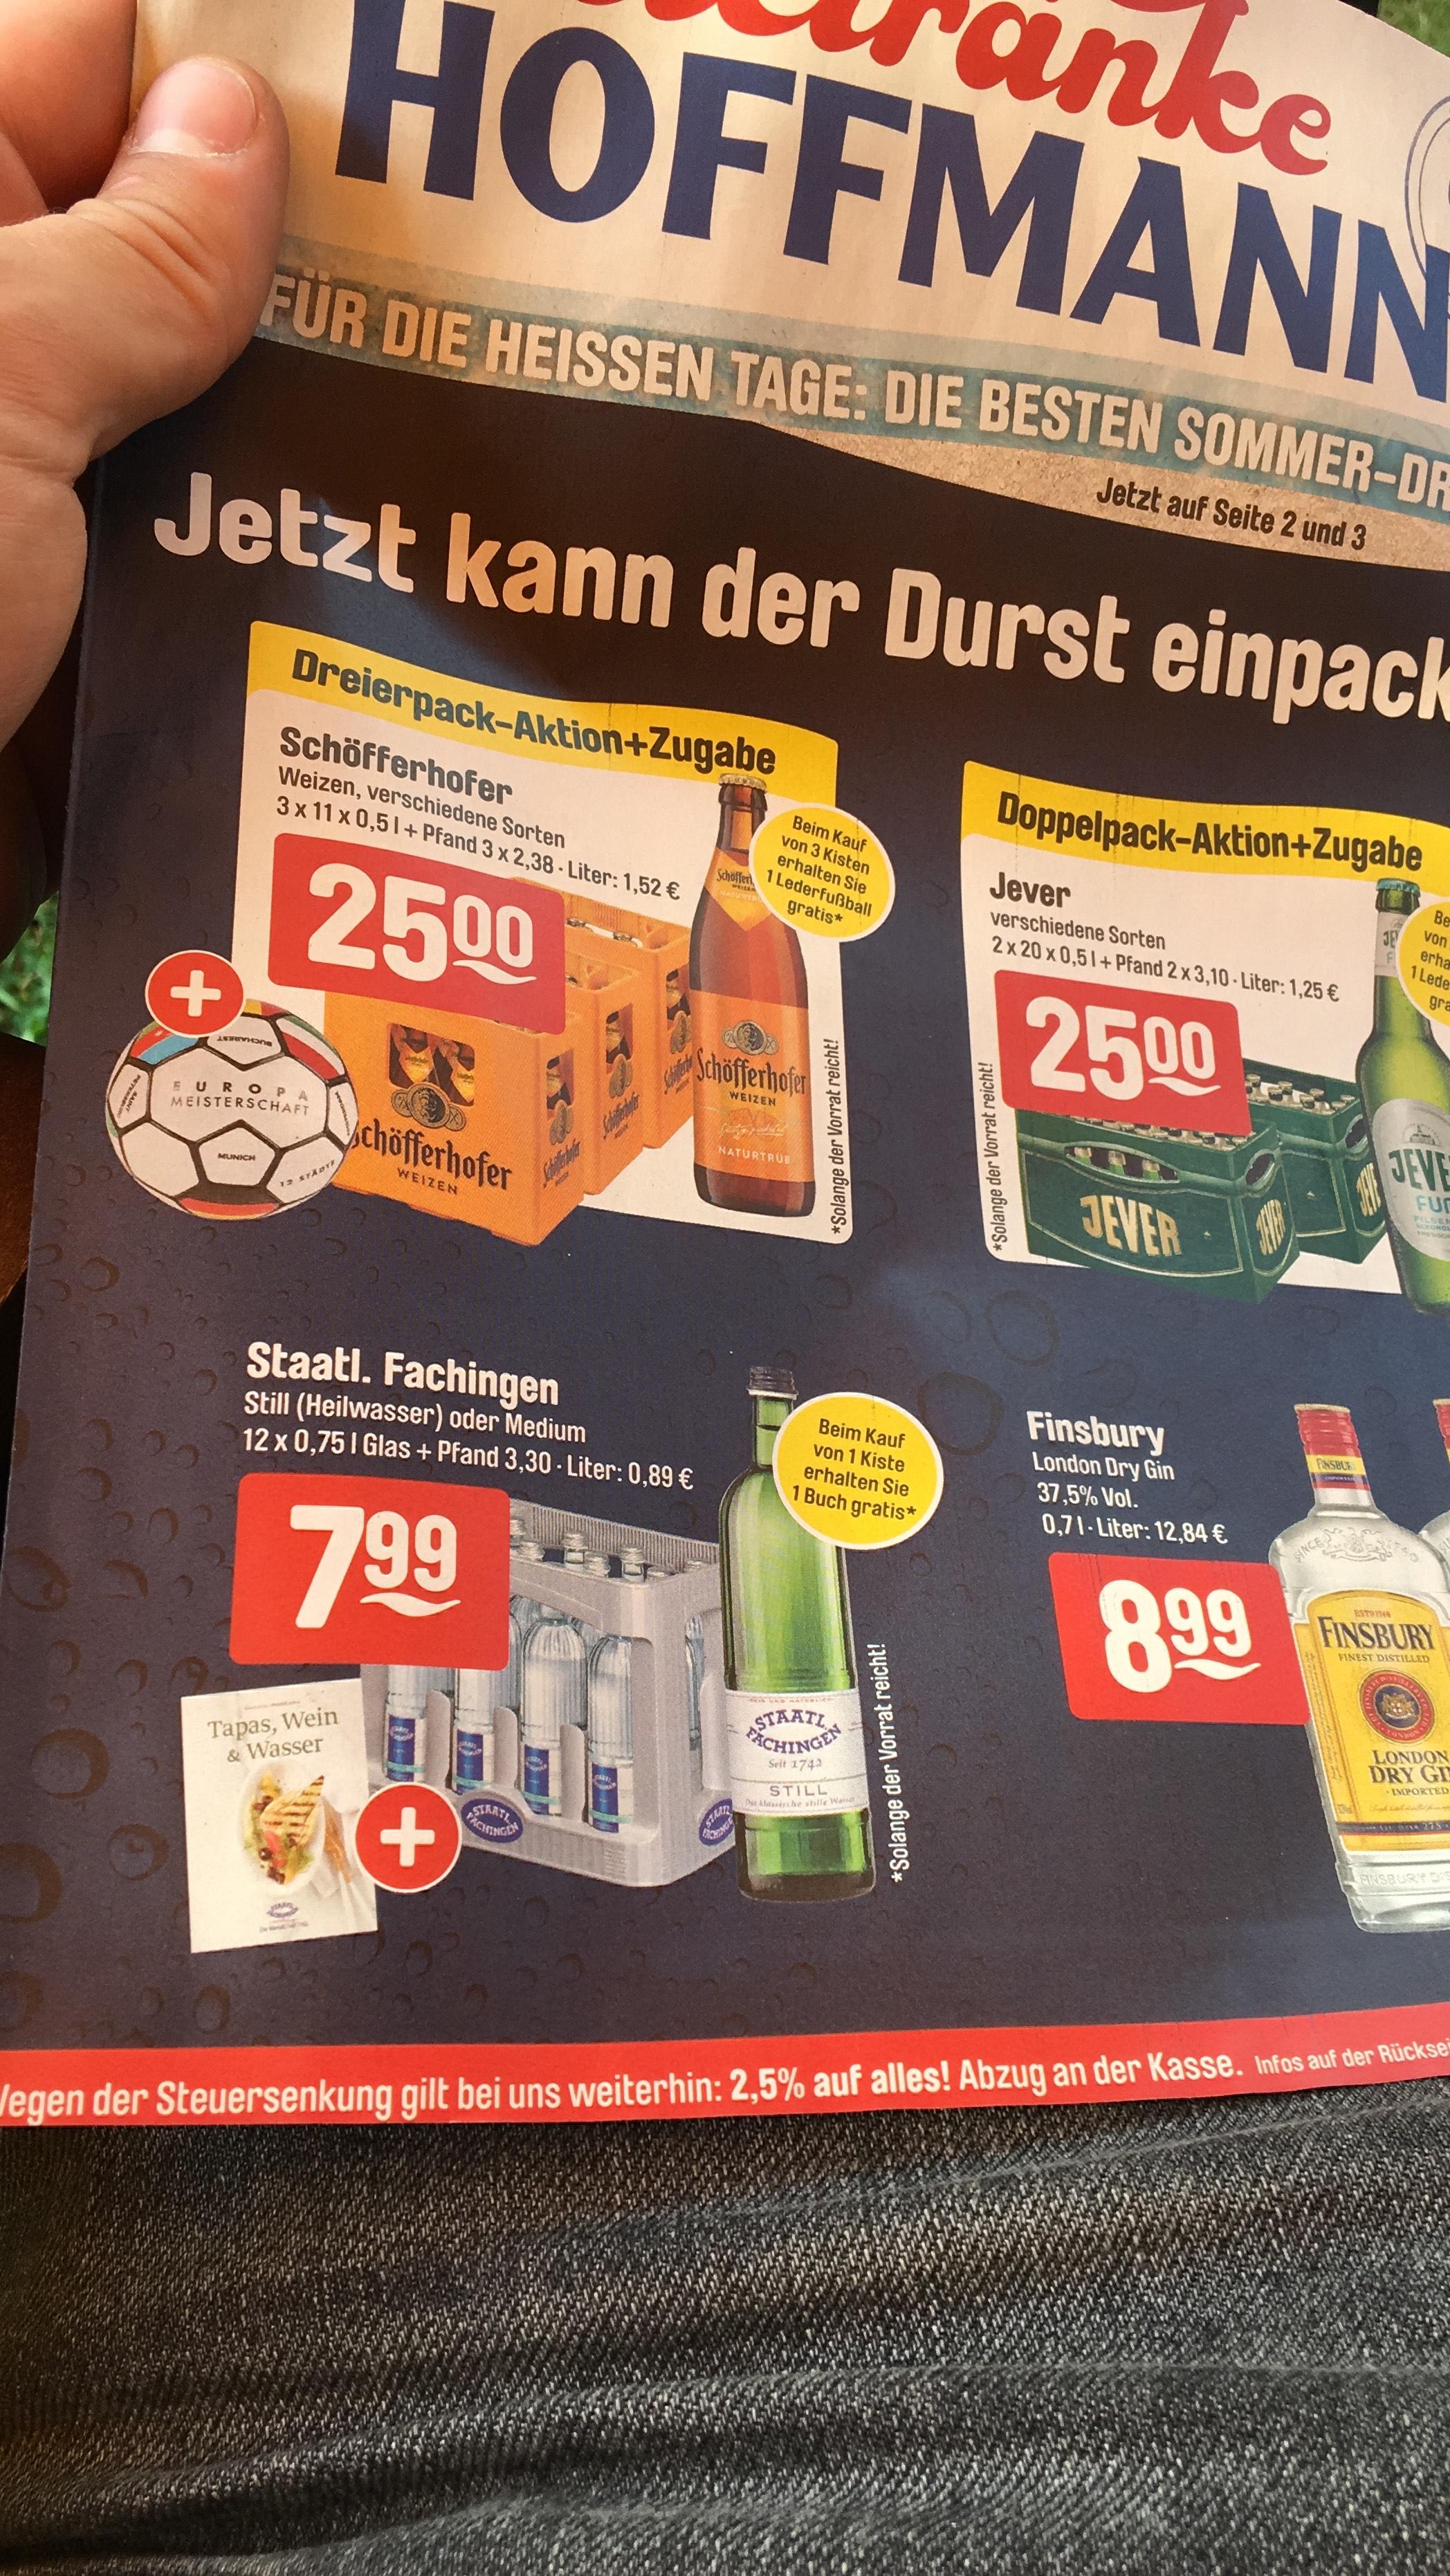 Getränke Hoffmann [evtl. lokal] Staatlich Fachingen